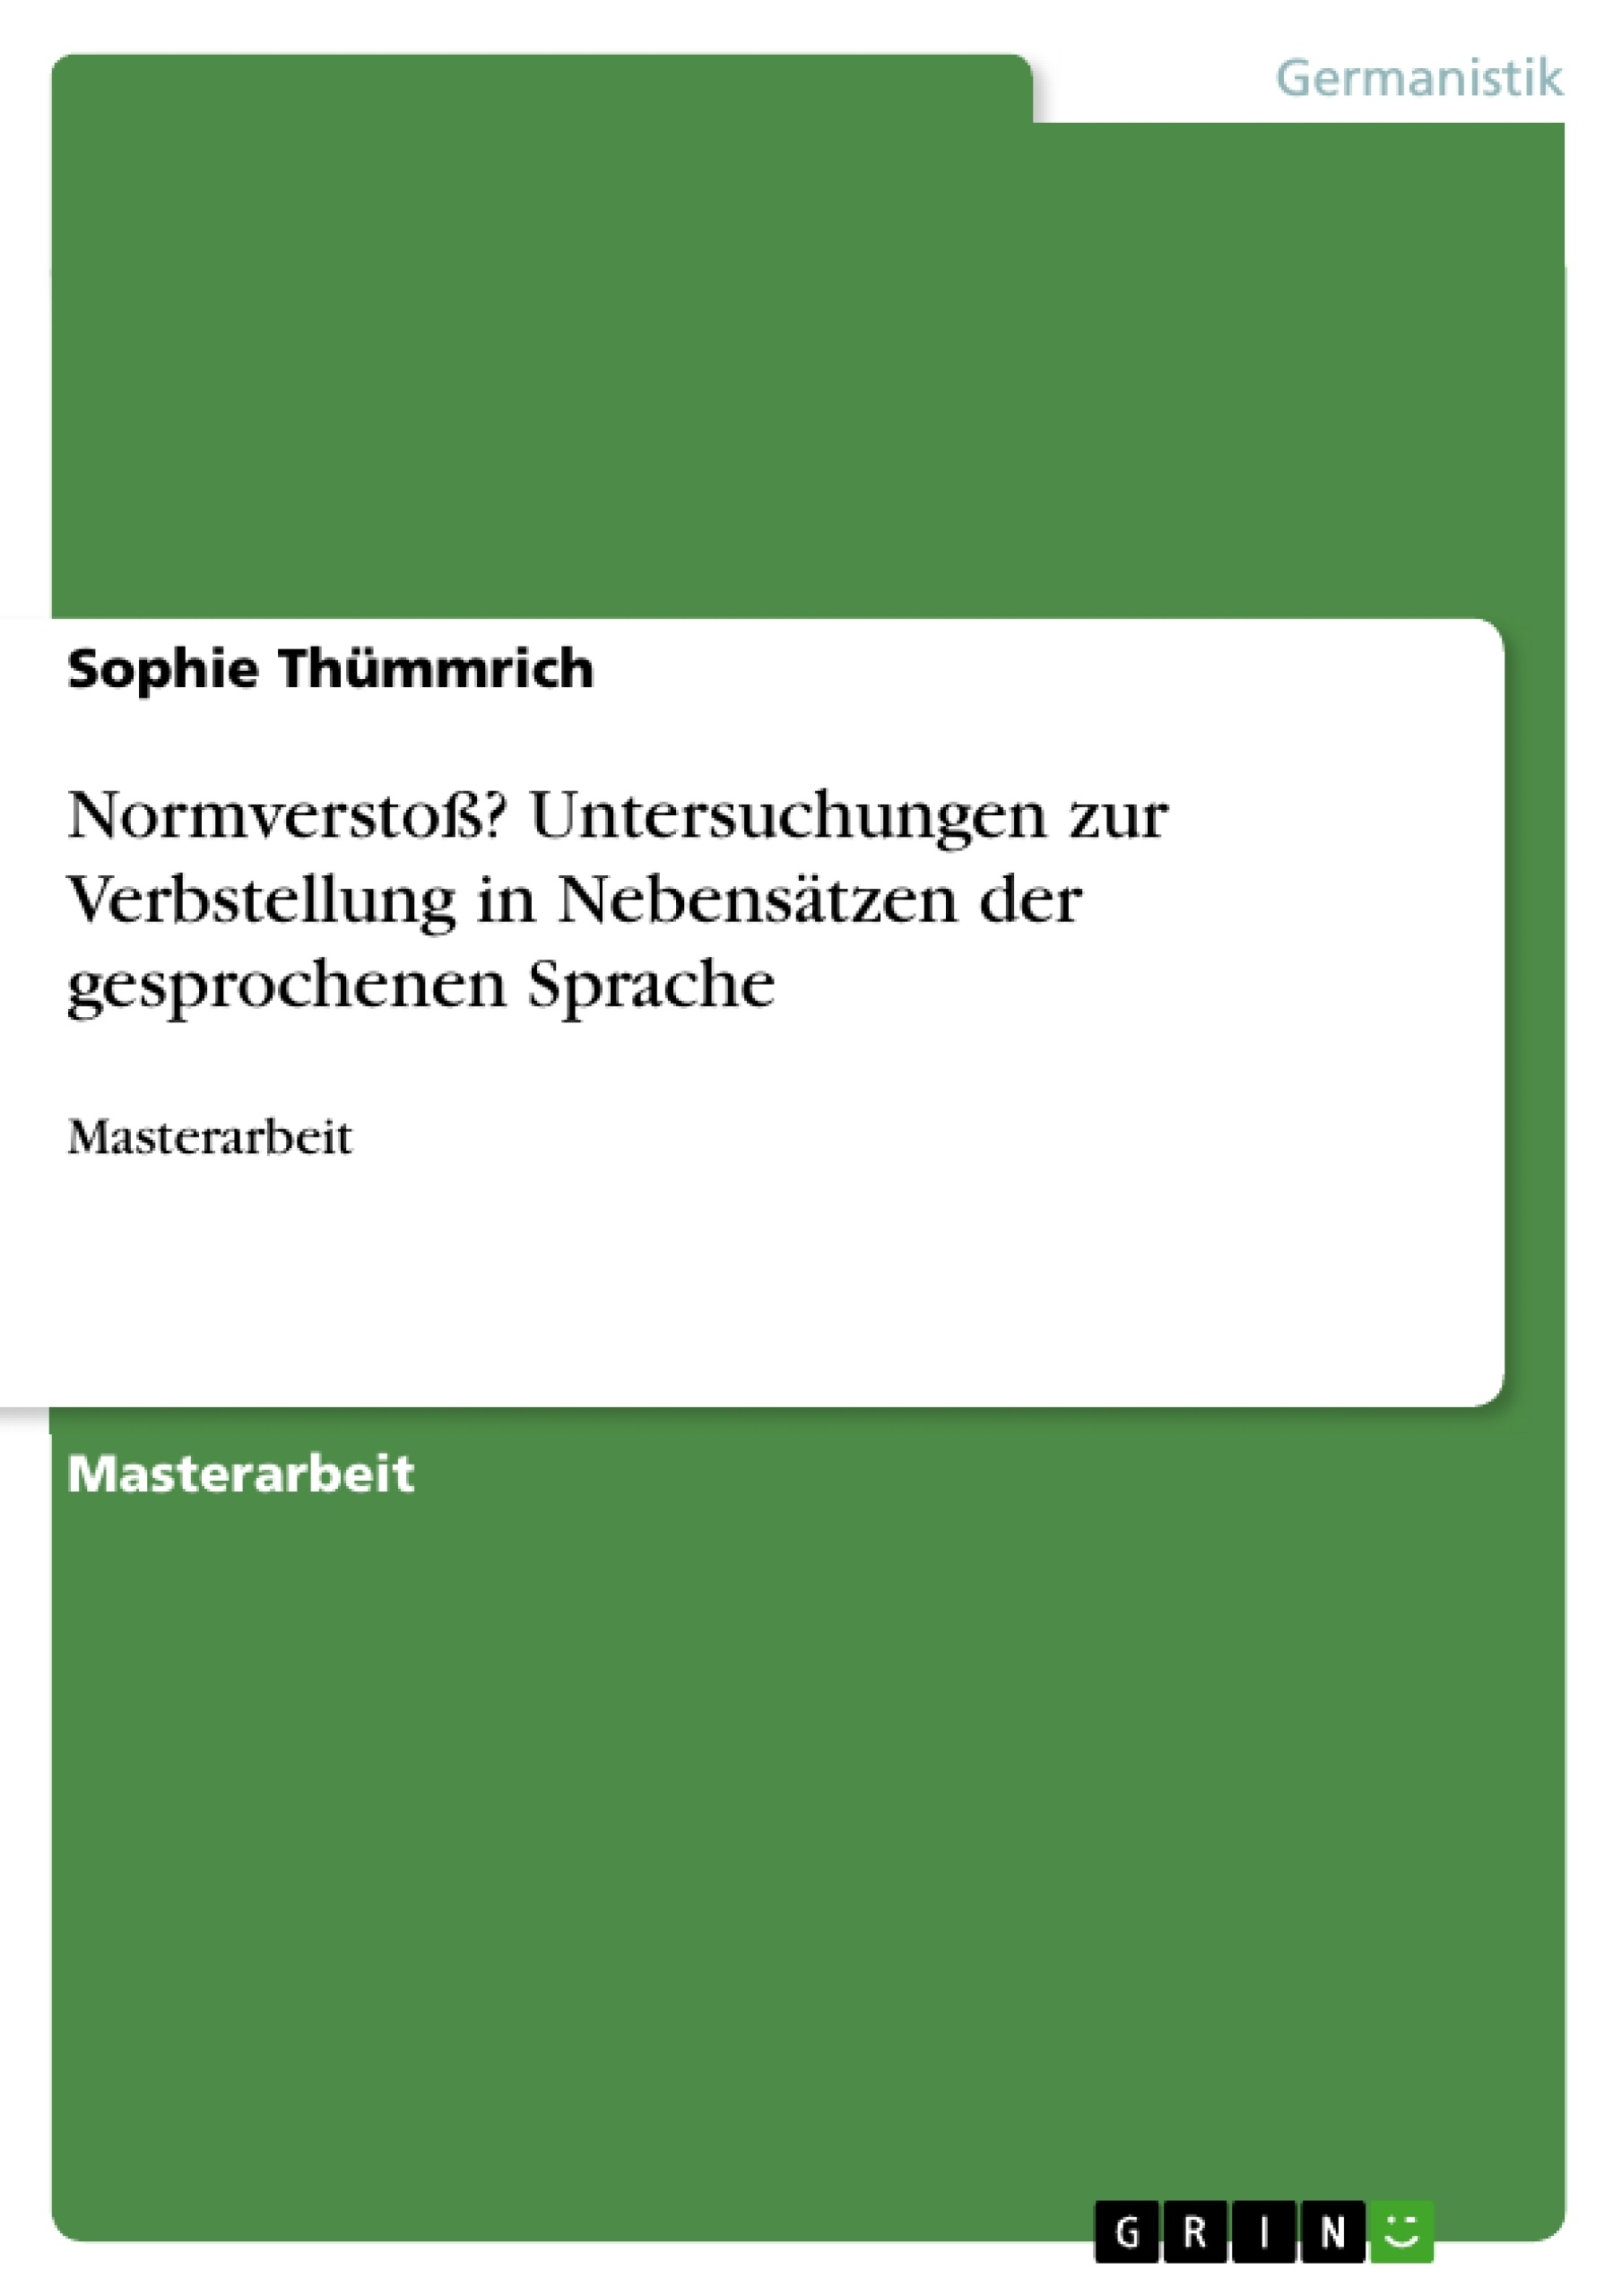 Titel: Normverstoß? Untersuchungen zur Verbstellung in Nebensätzen der gesprochenen Sprache